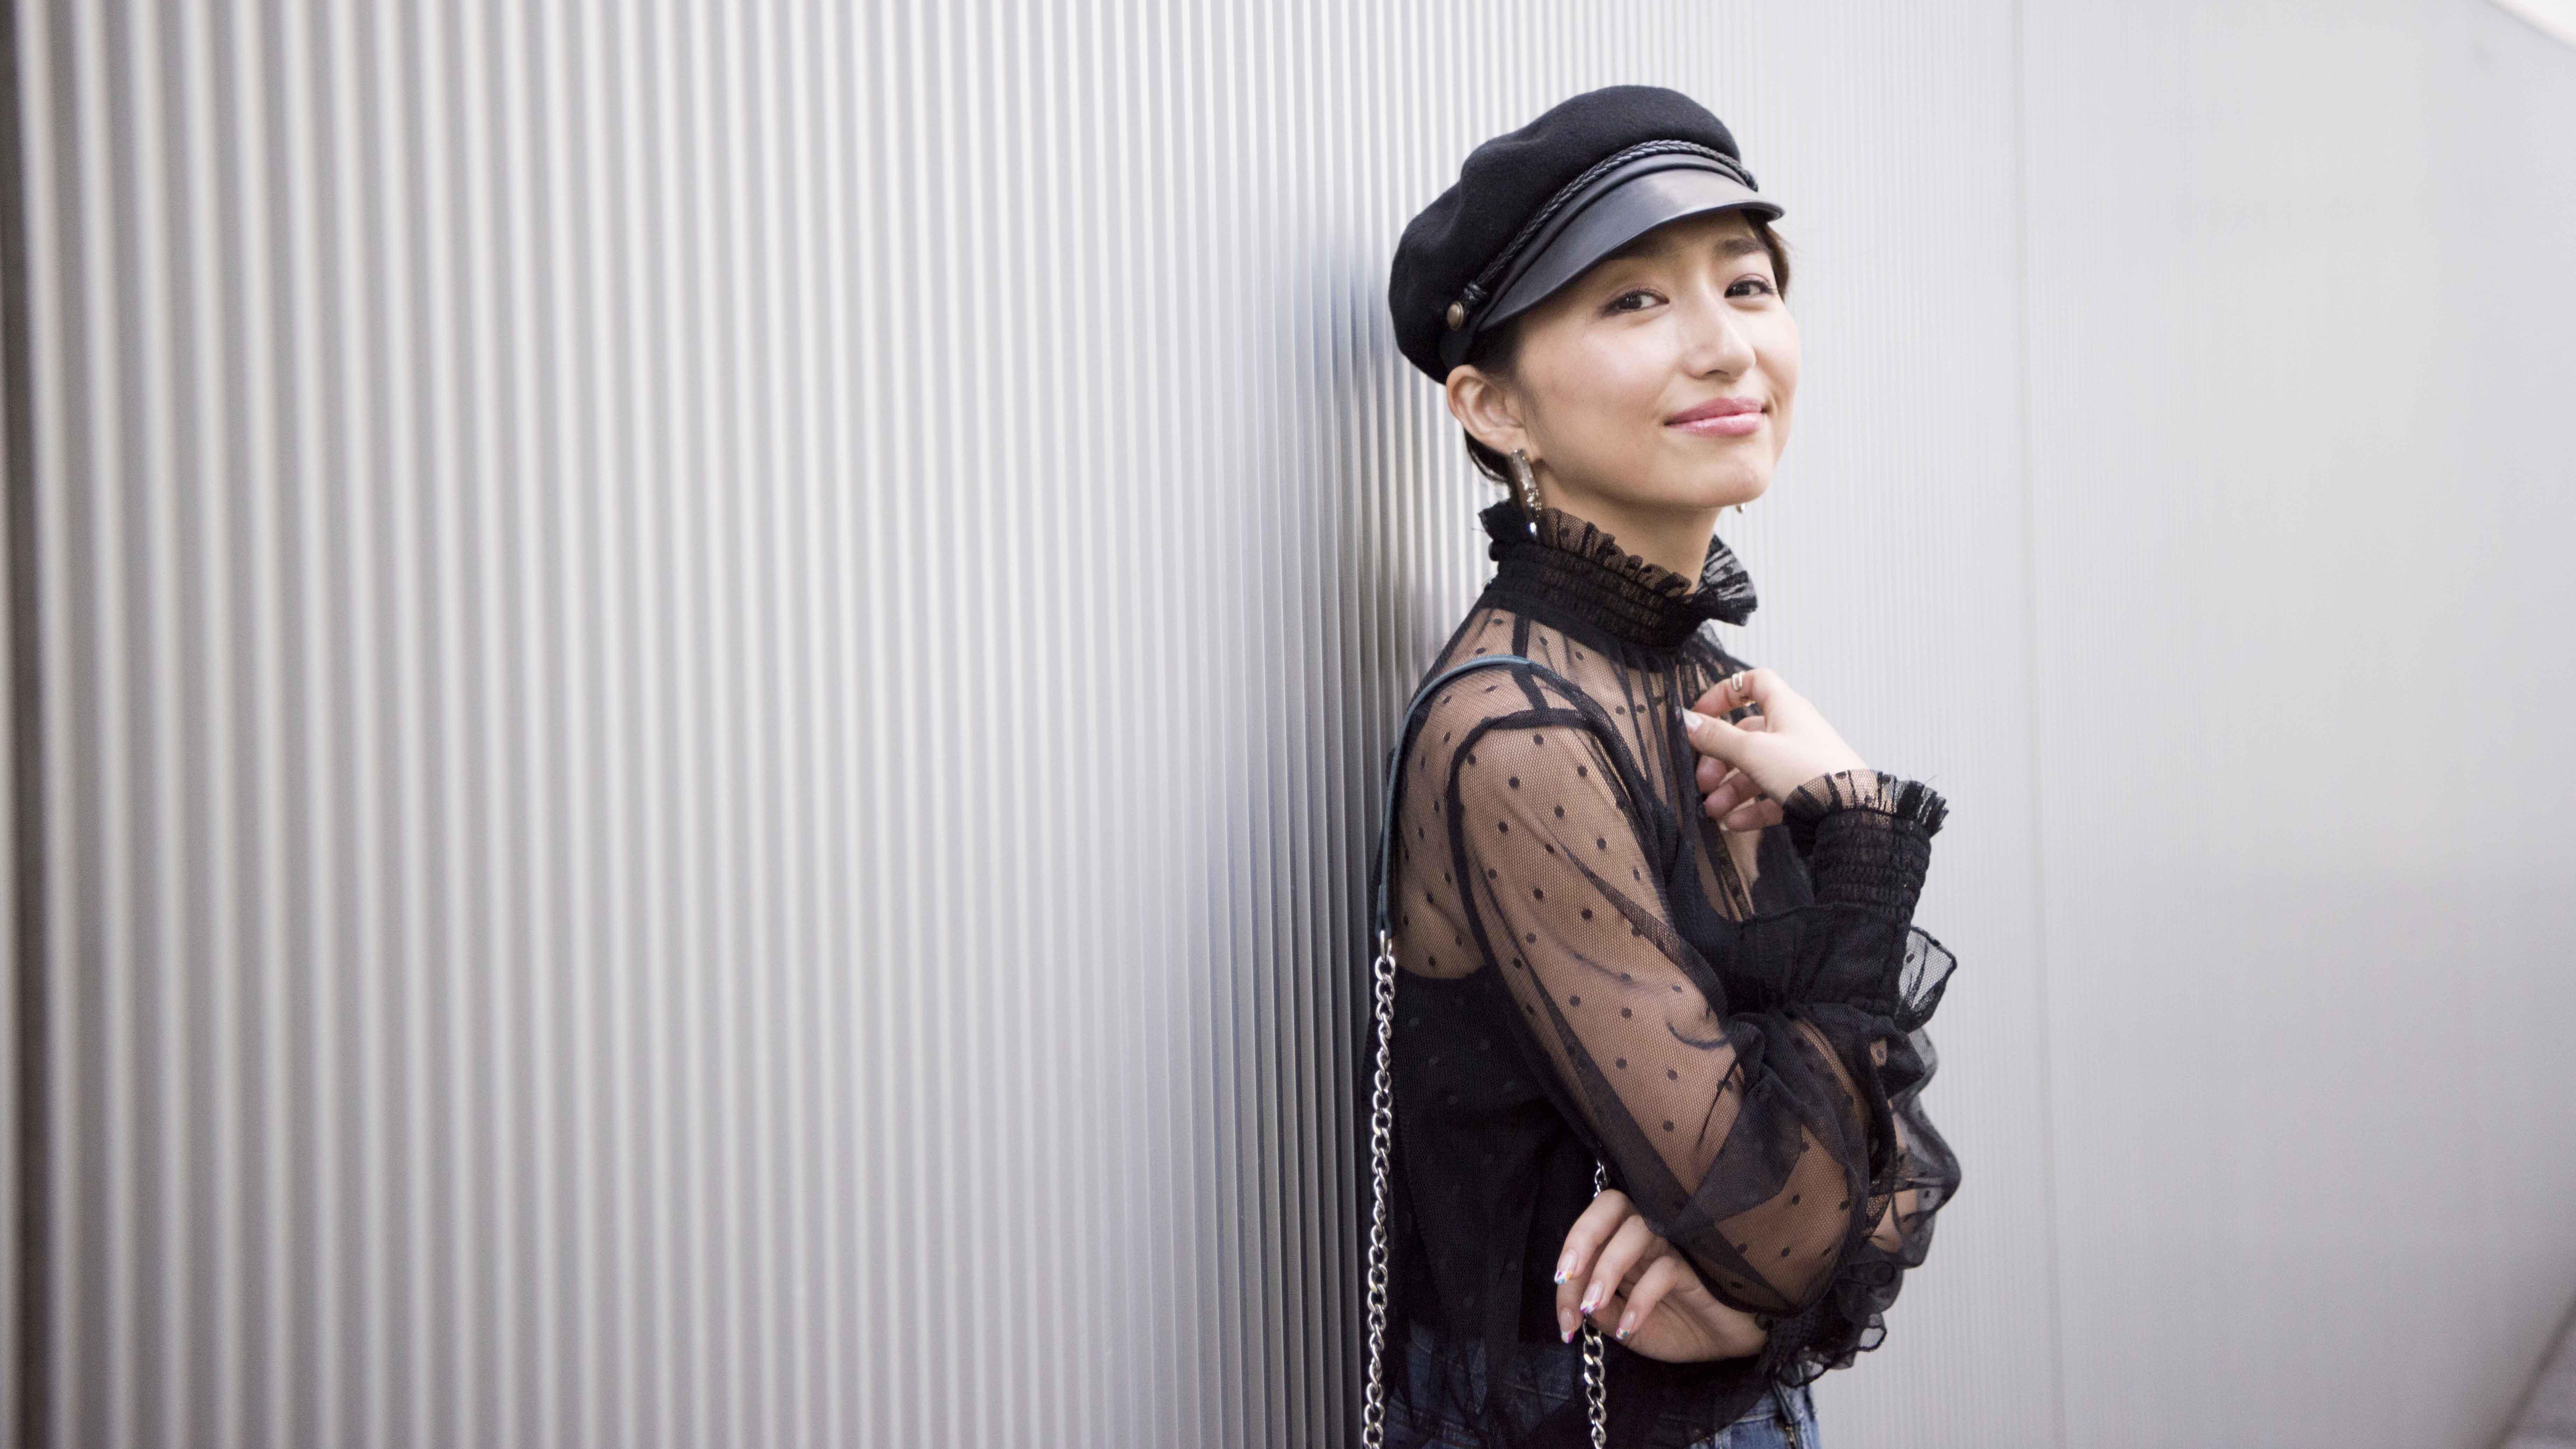 ハンサムカジュアルに楽しむ肌見せスタイル/永田杏奈さんの7days coordinate #Day6